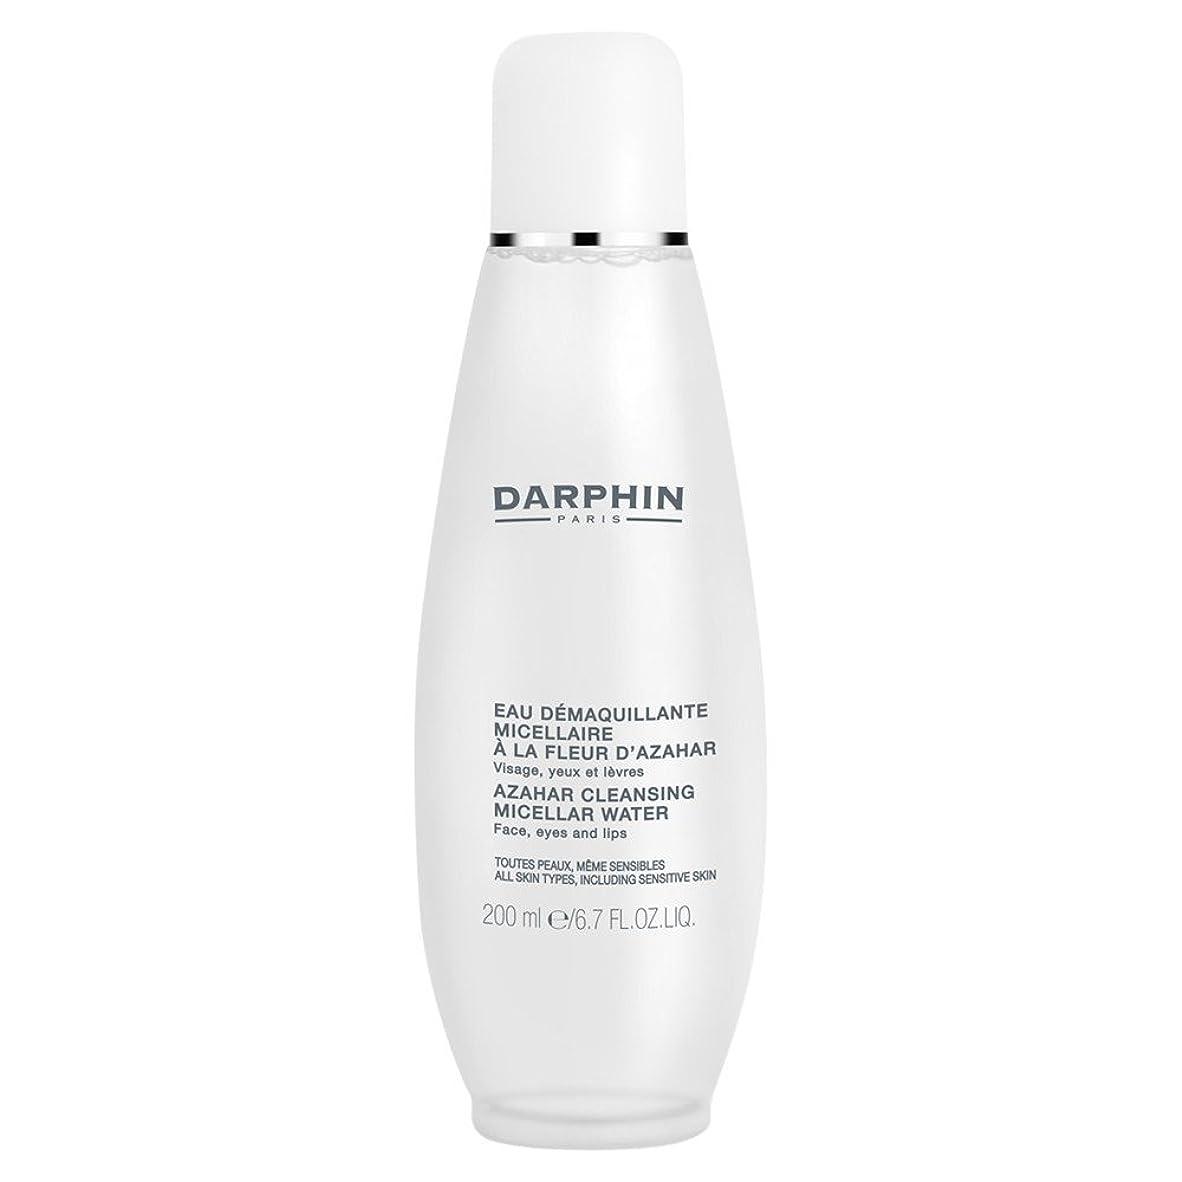 ごめんなさいスローガン夜の動物園ミセル水クレンジングアサールダルファン、200ミリリットル (Darphin) (x6) - Darphin Azahar Cleansing Micellar Water, 200ml (Pack of 6) [並行輸入品]